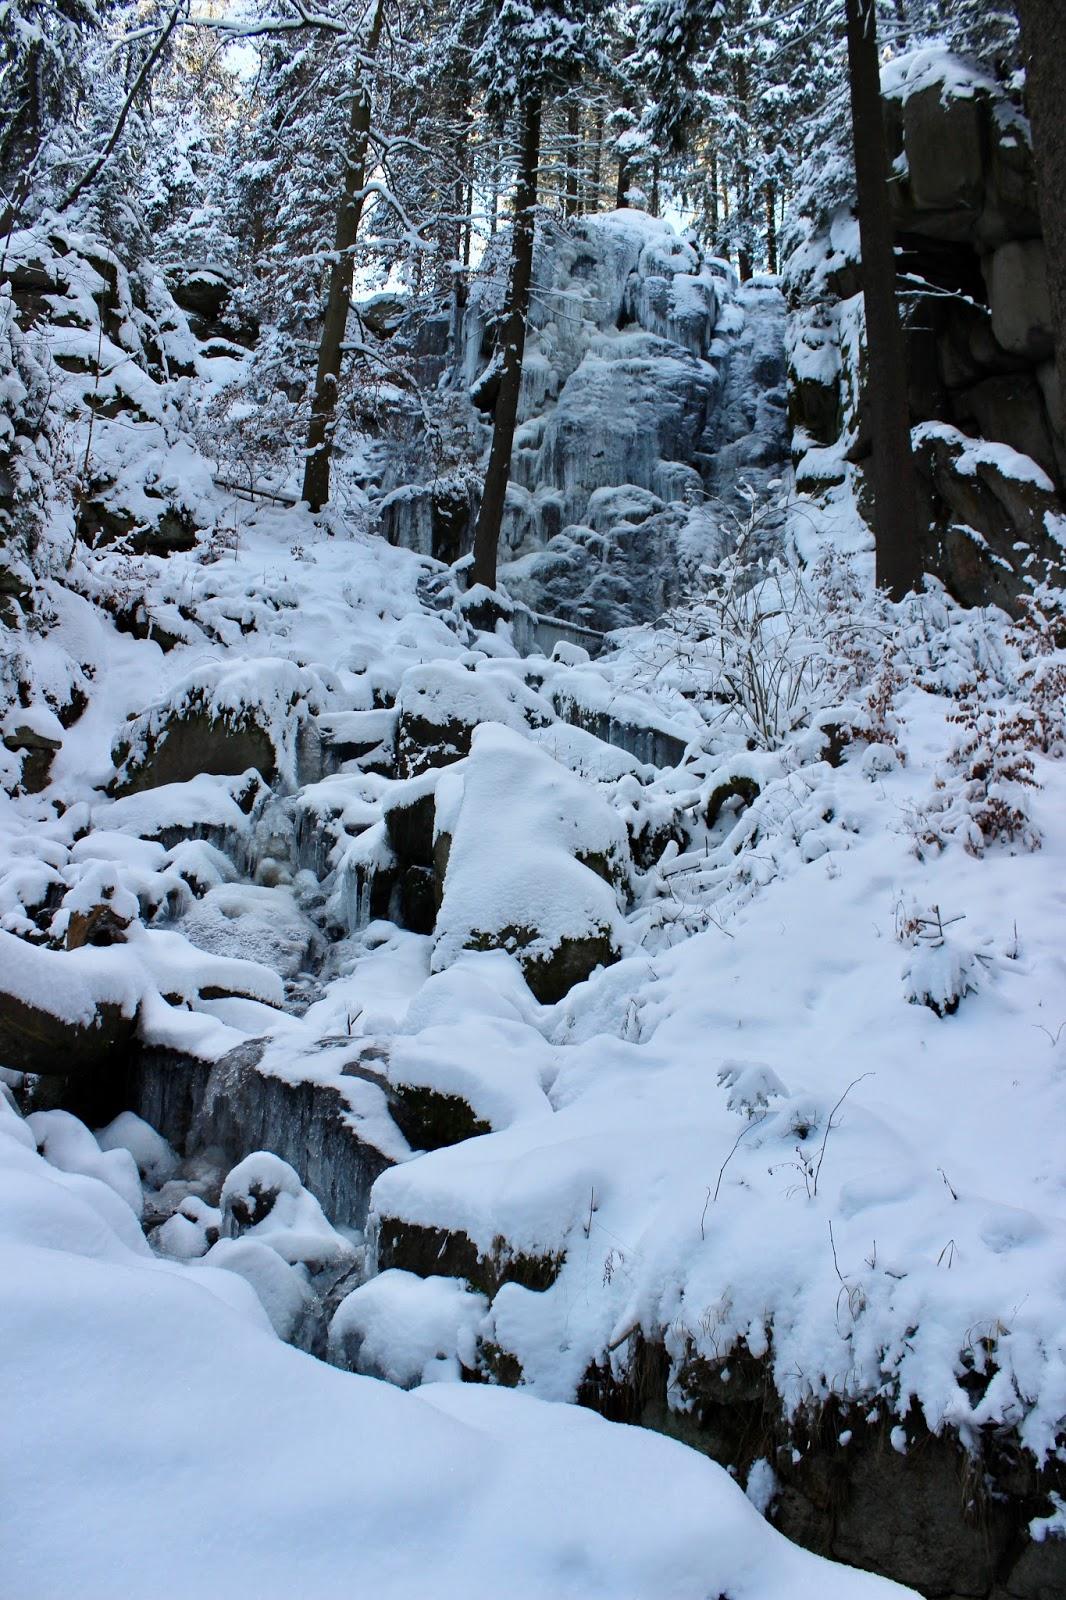 Blauenthaler-Wasserfall-Eibenstock-winter-schnee-snow-frozen